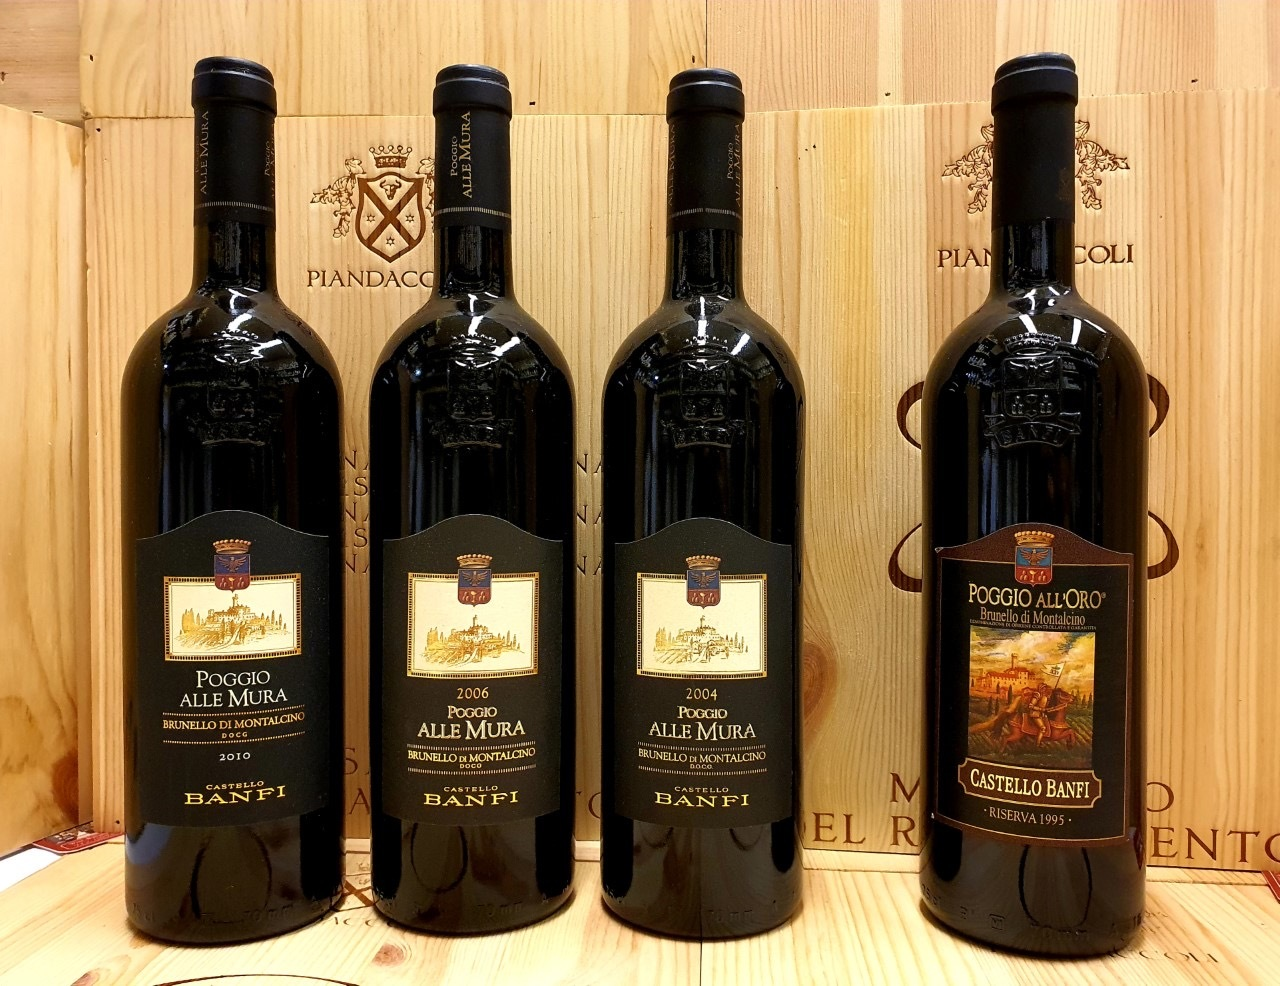 ワイン便の発送:ヴィンテージワイン、ブルネッロ、スーパータスカン、アマローネ_a0136671_18021428.jpeg